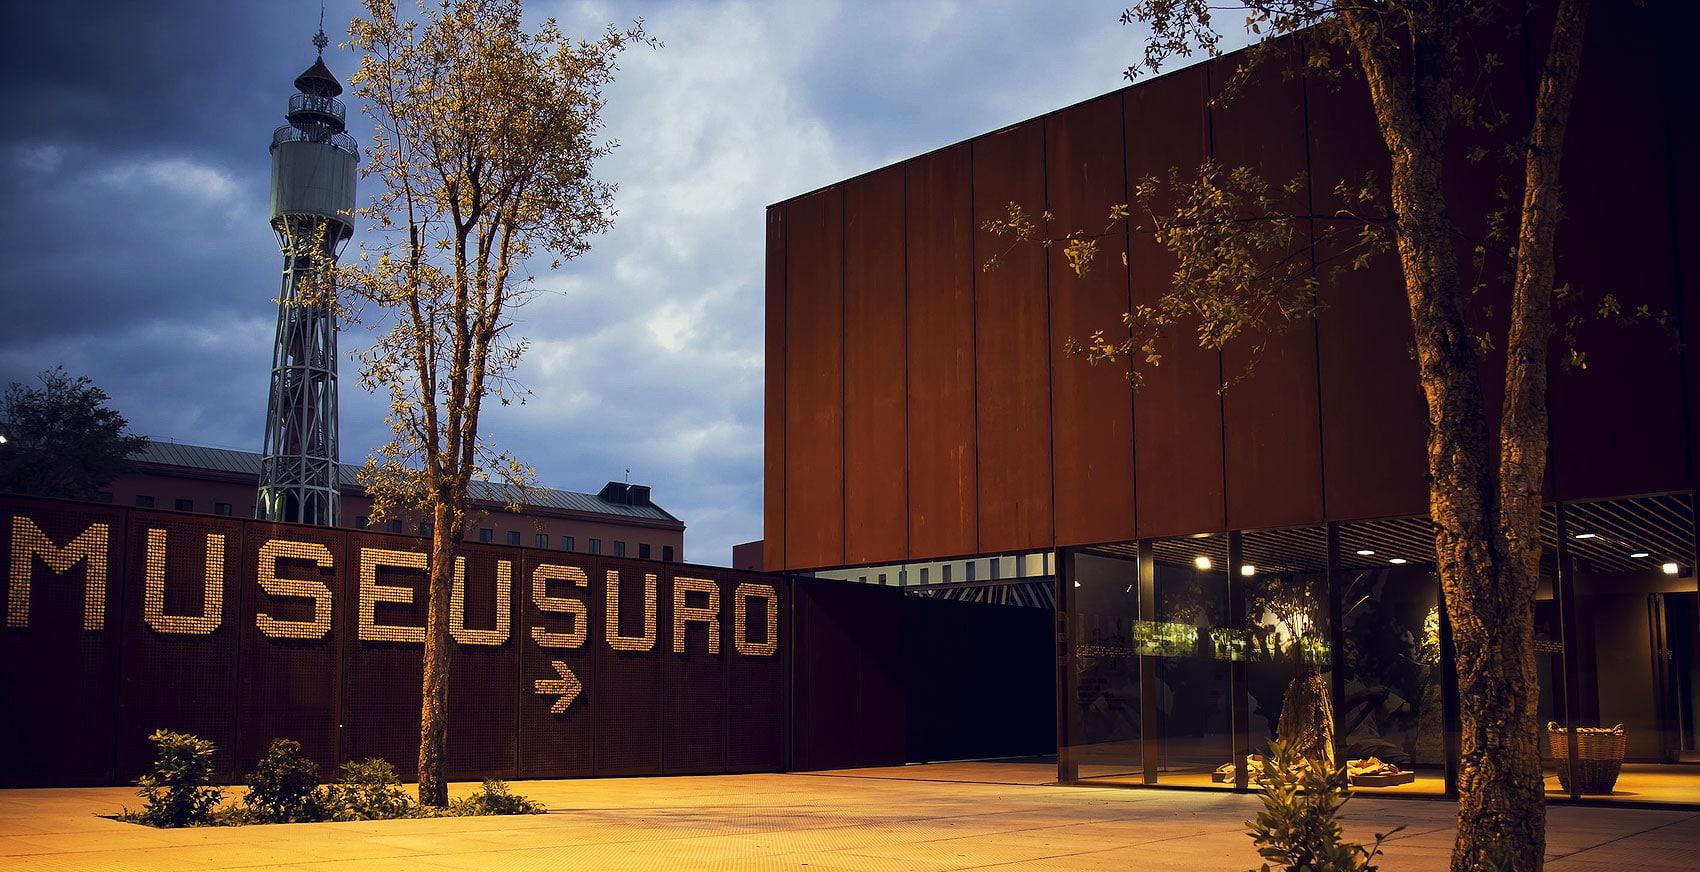 museu-del-suro-red-costa-brava